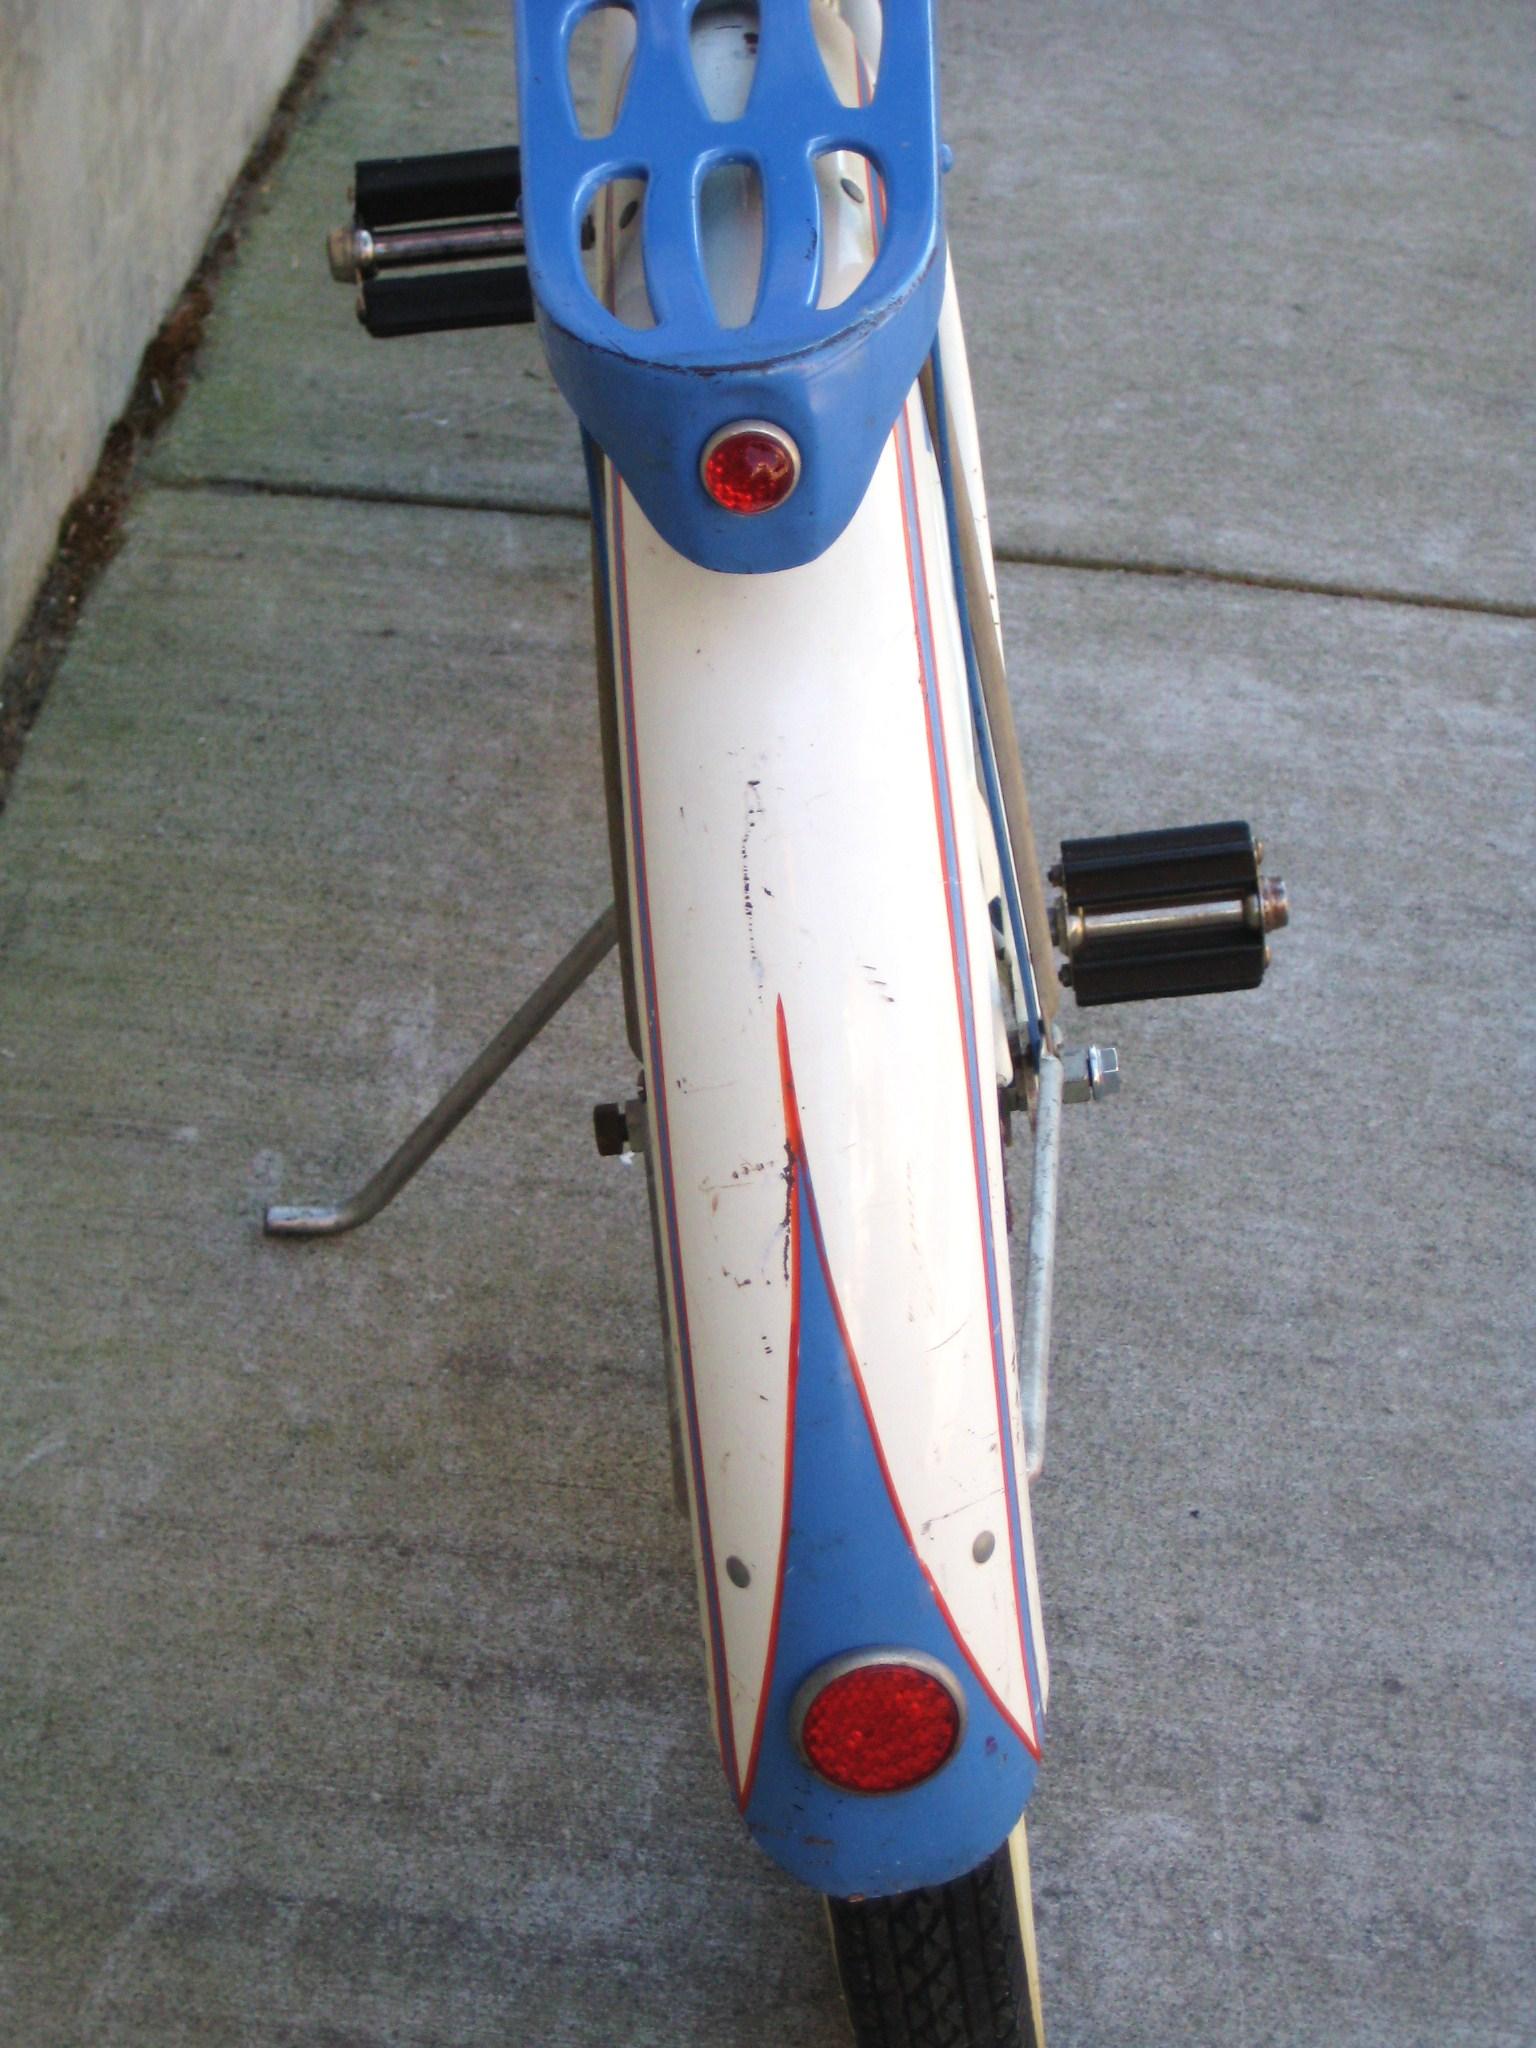 f05ac10a7c8 1955 B.F. Goodrich Schwinn Starlet bicycle | Classic Cycle ...